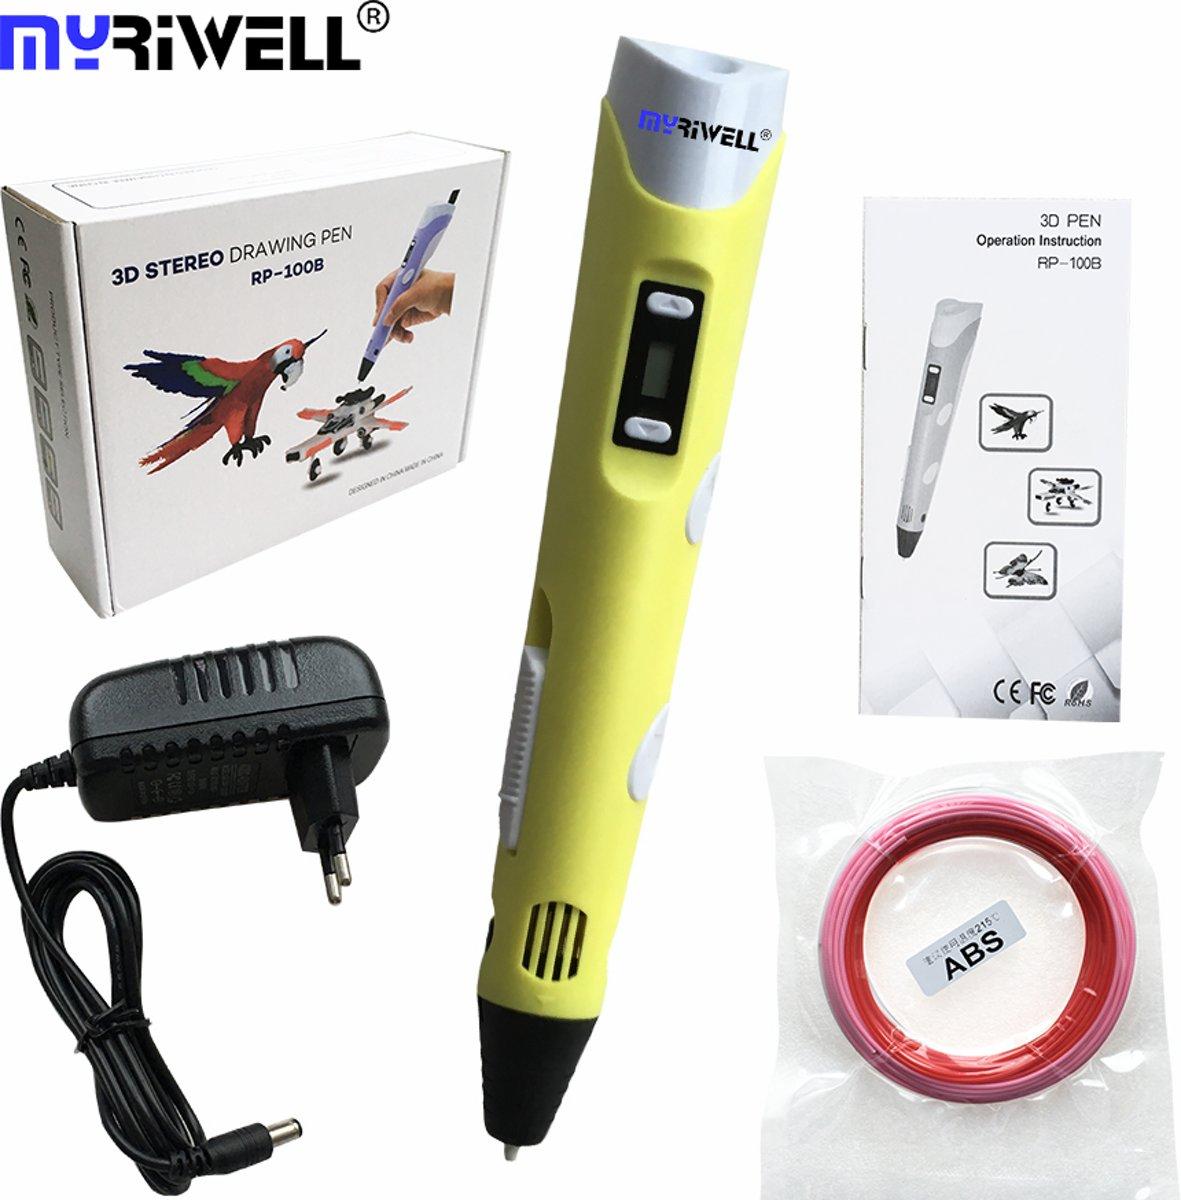 MyRiwell 3D pen met lcd scherm voor ABS en PLA 1.75mm filament - GEEL